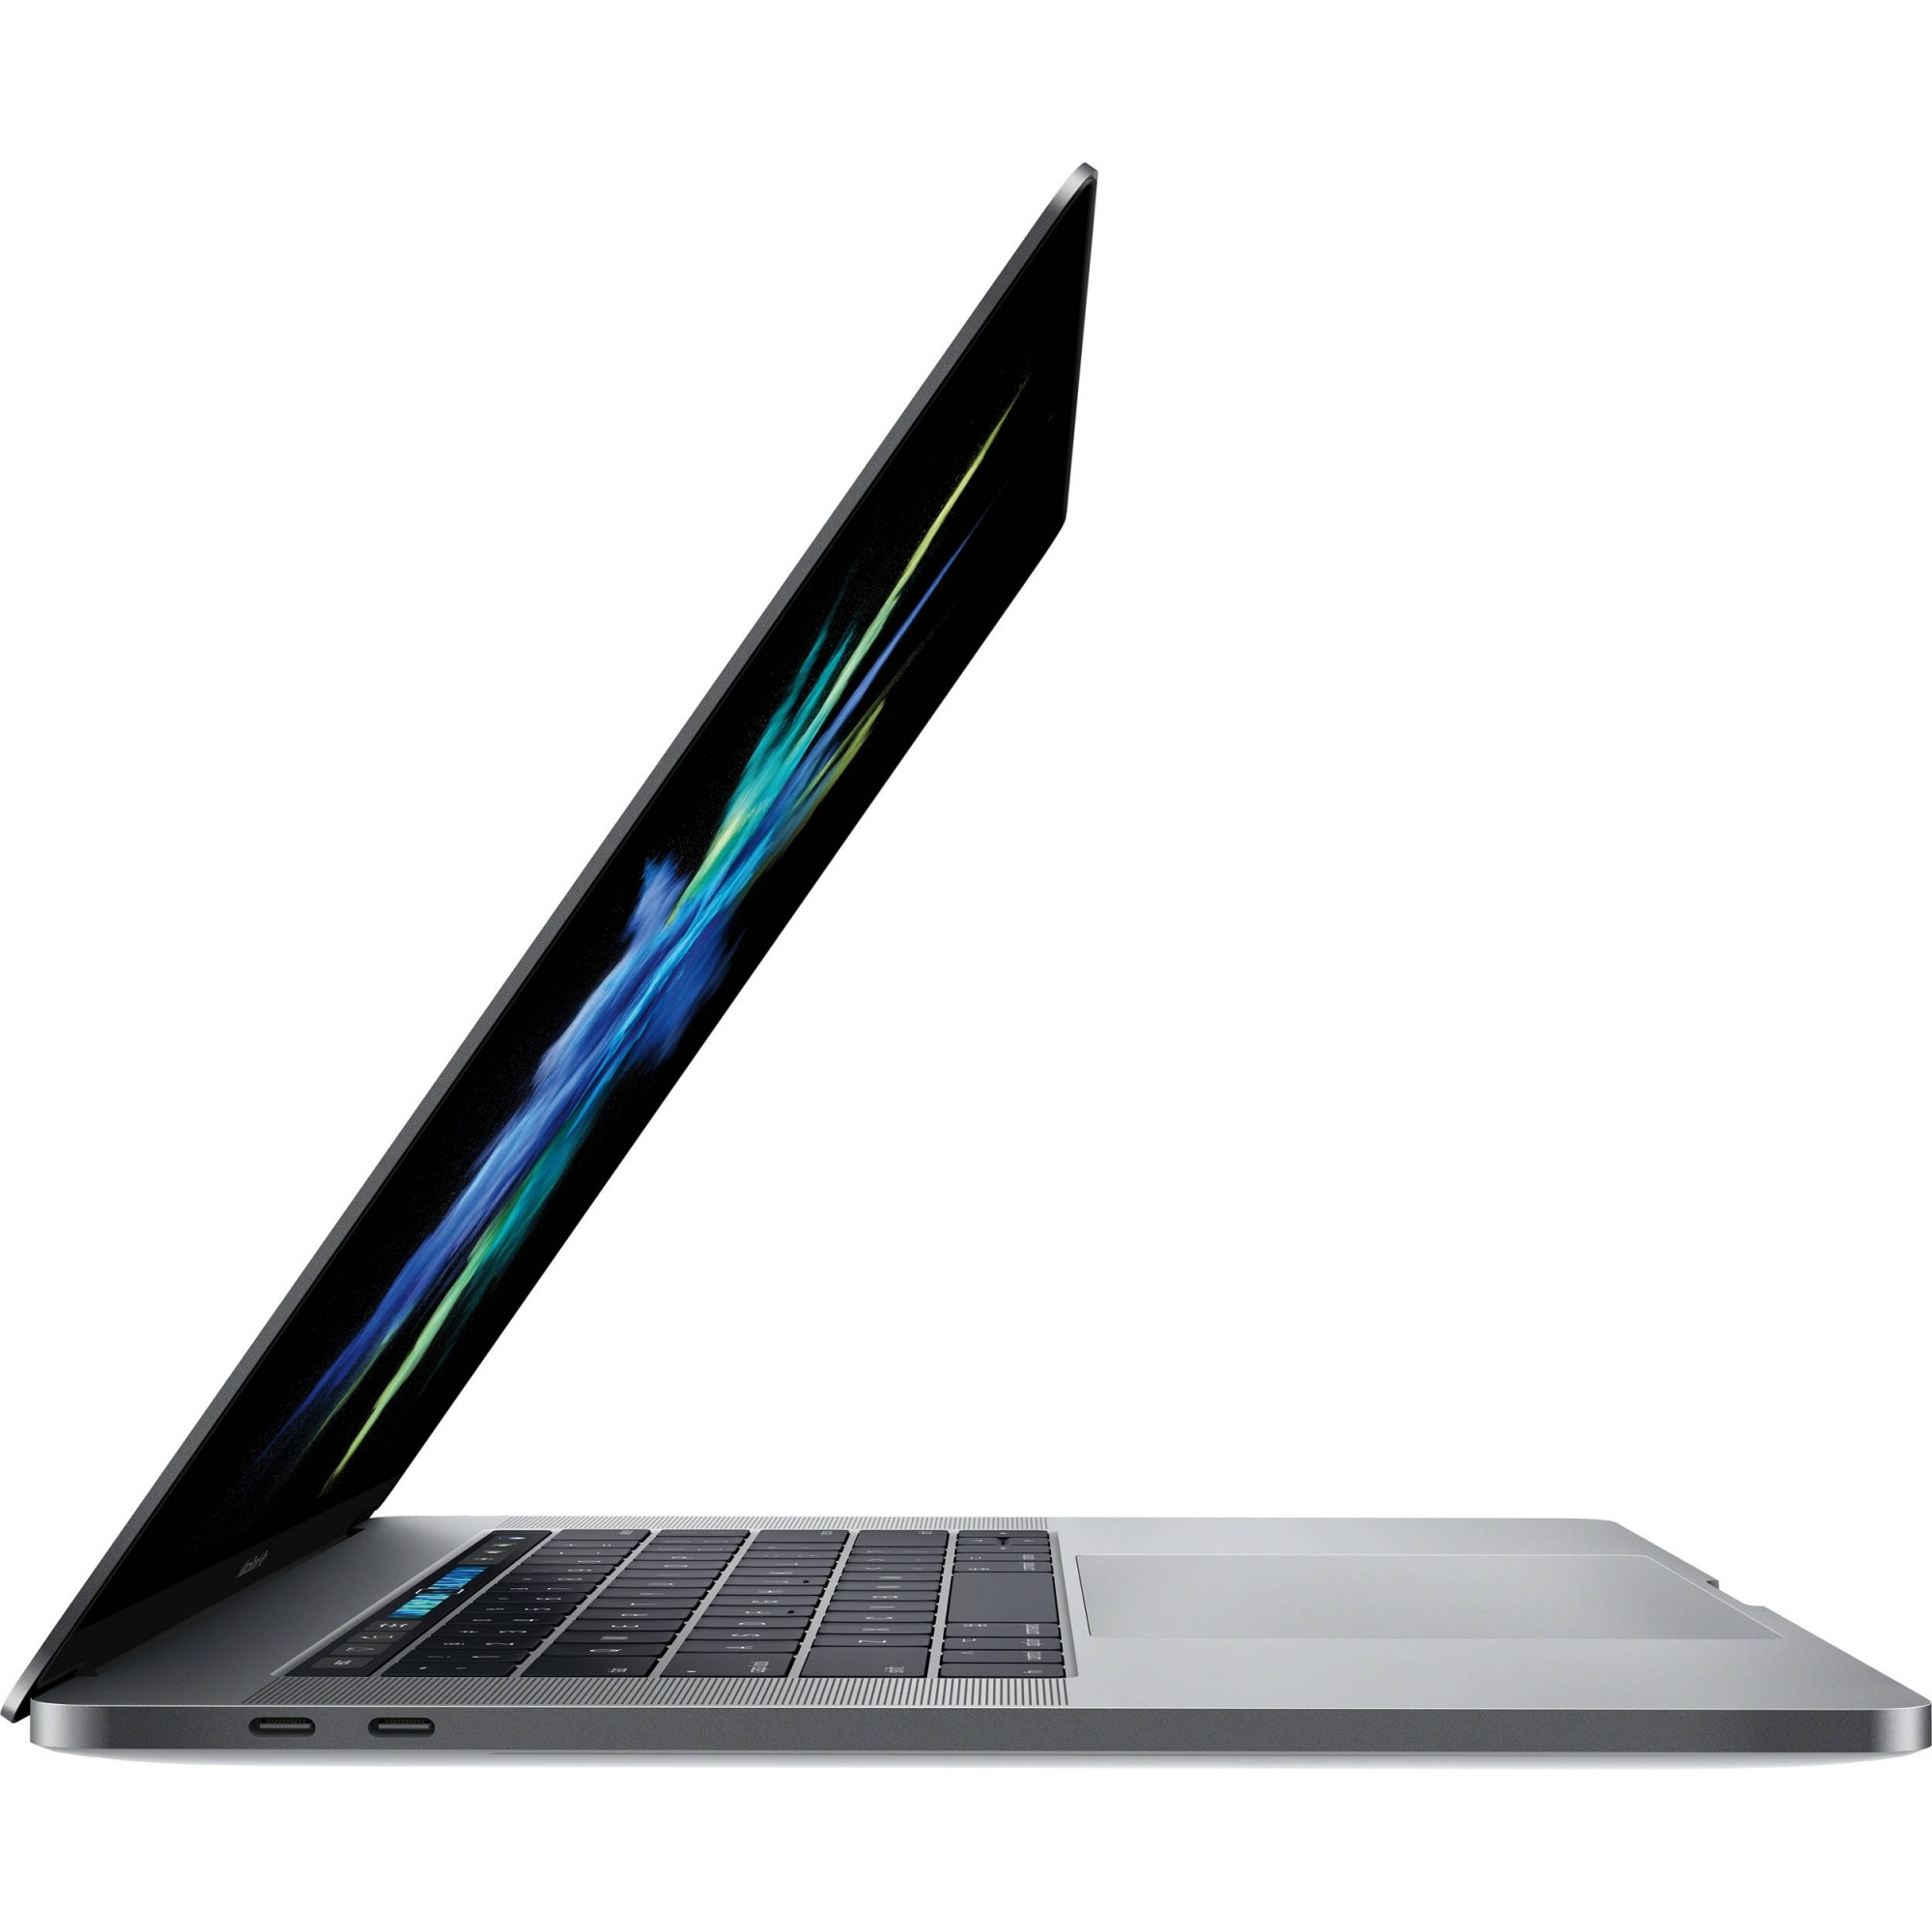 MacBook Pro 15.4 2.9GHz 16GB RAM 512GB SSD MPTT2LL/A A1707